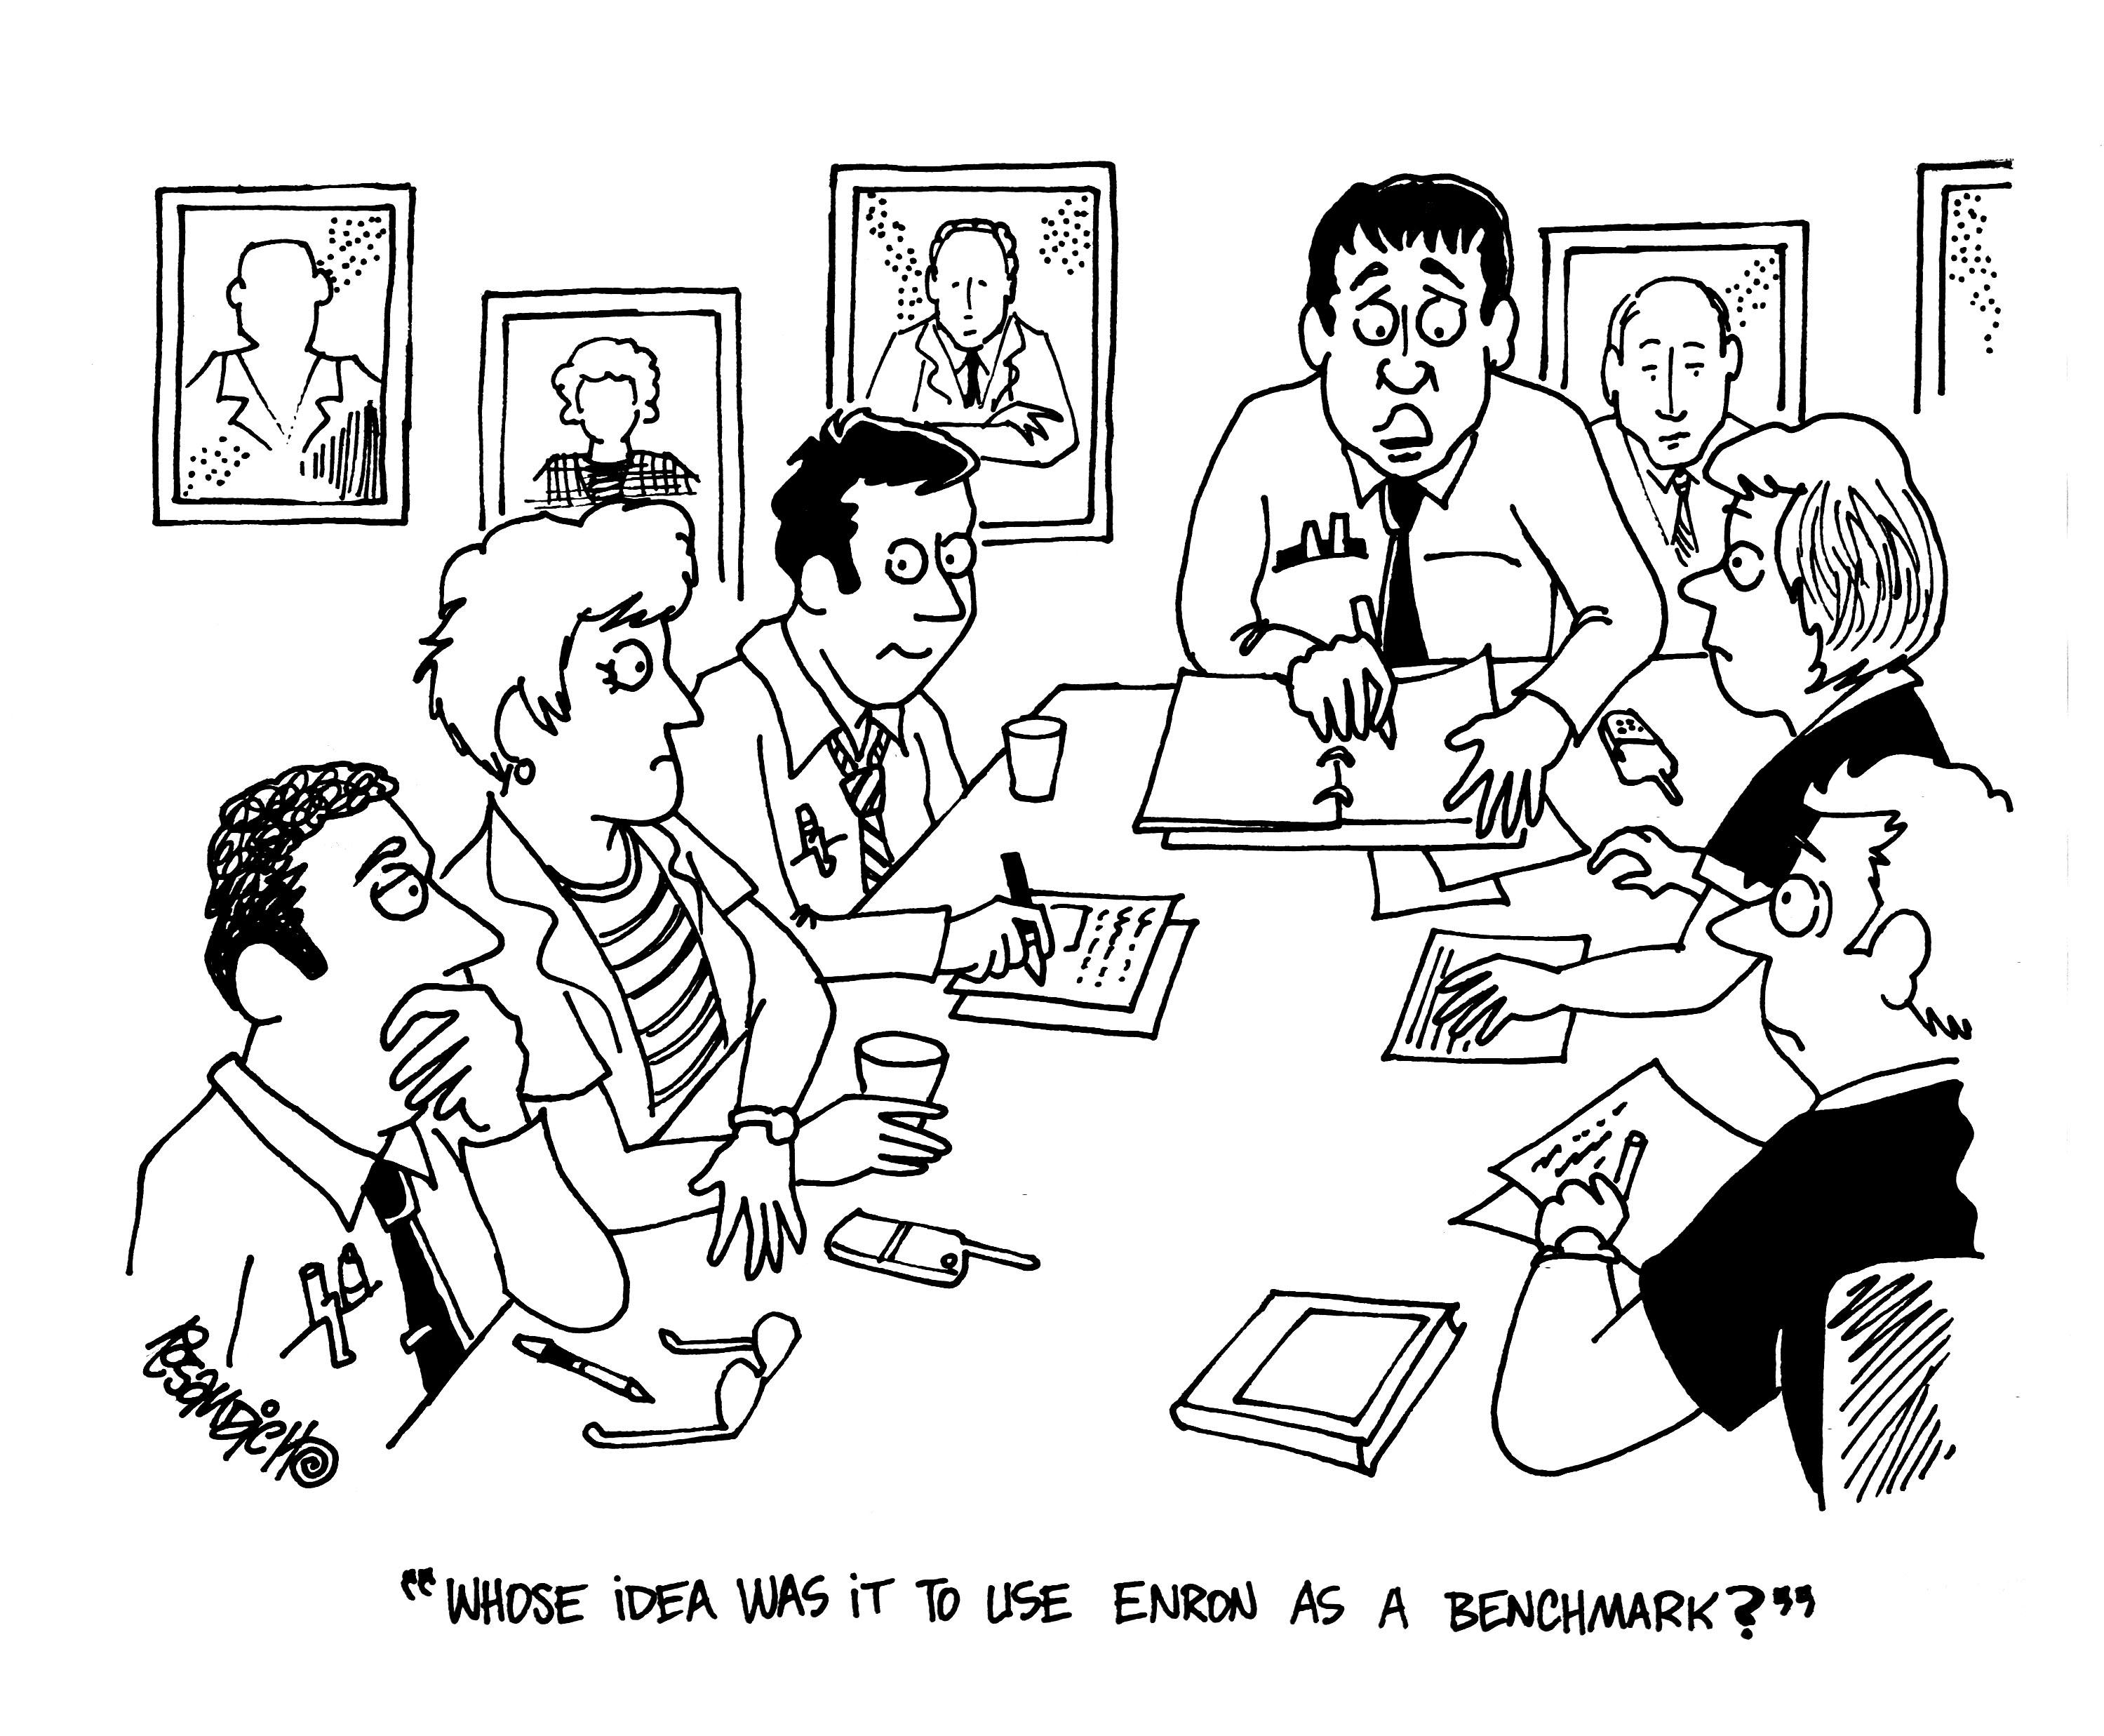 Cartoonist: Rosandich, Dan; cartoonstock.com - Sunday, 6 November 2016